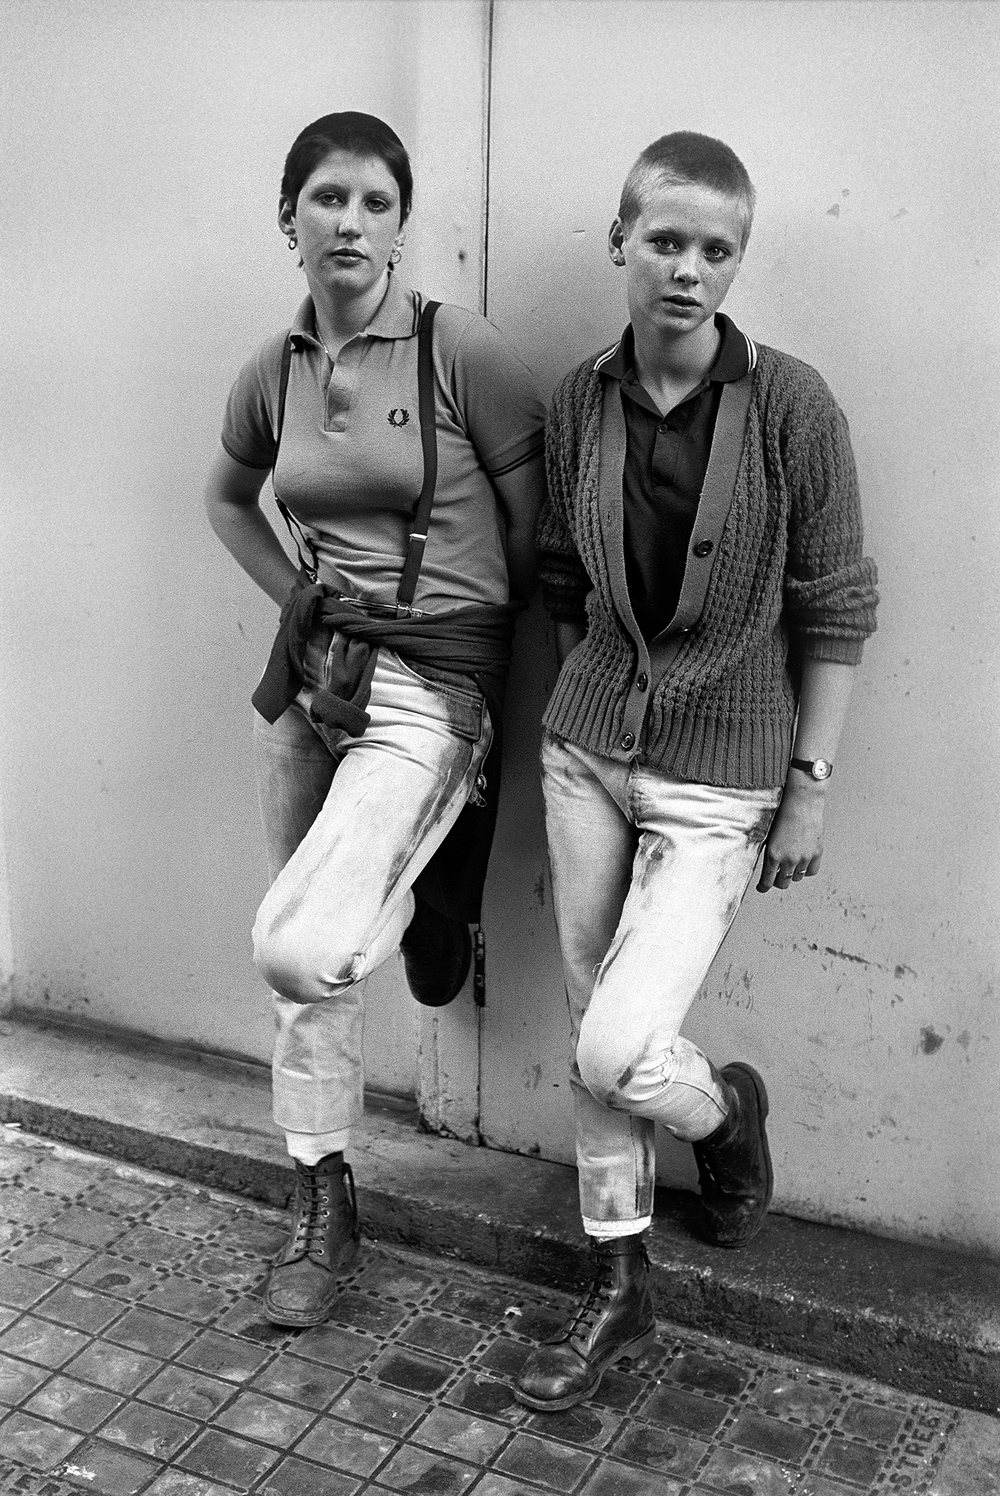 Brighton 1980.